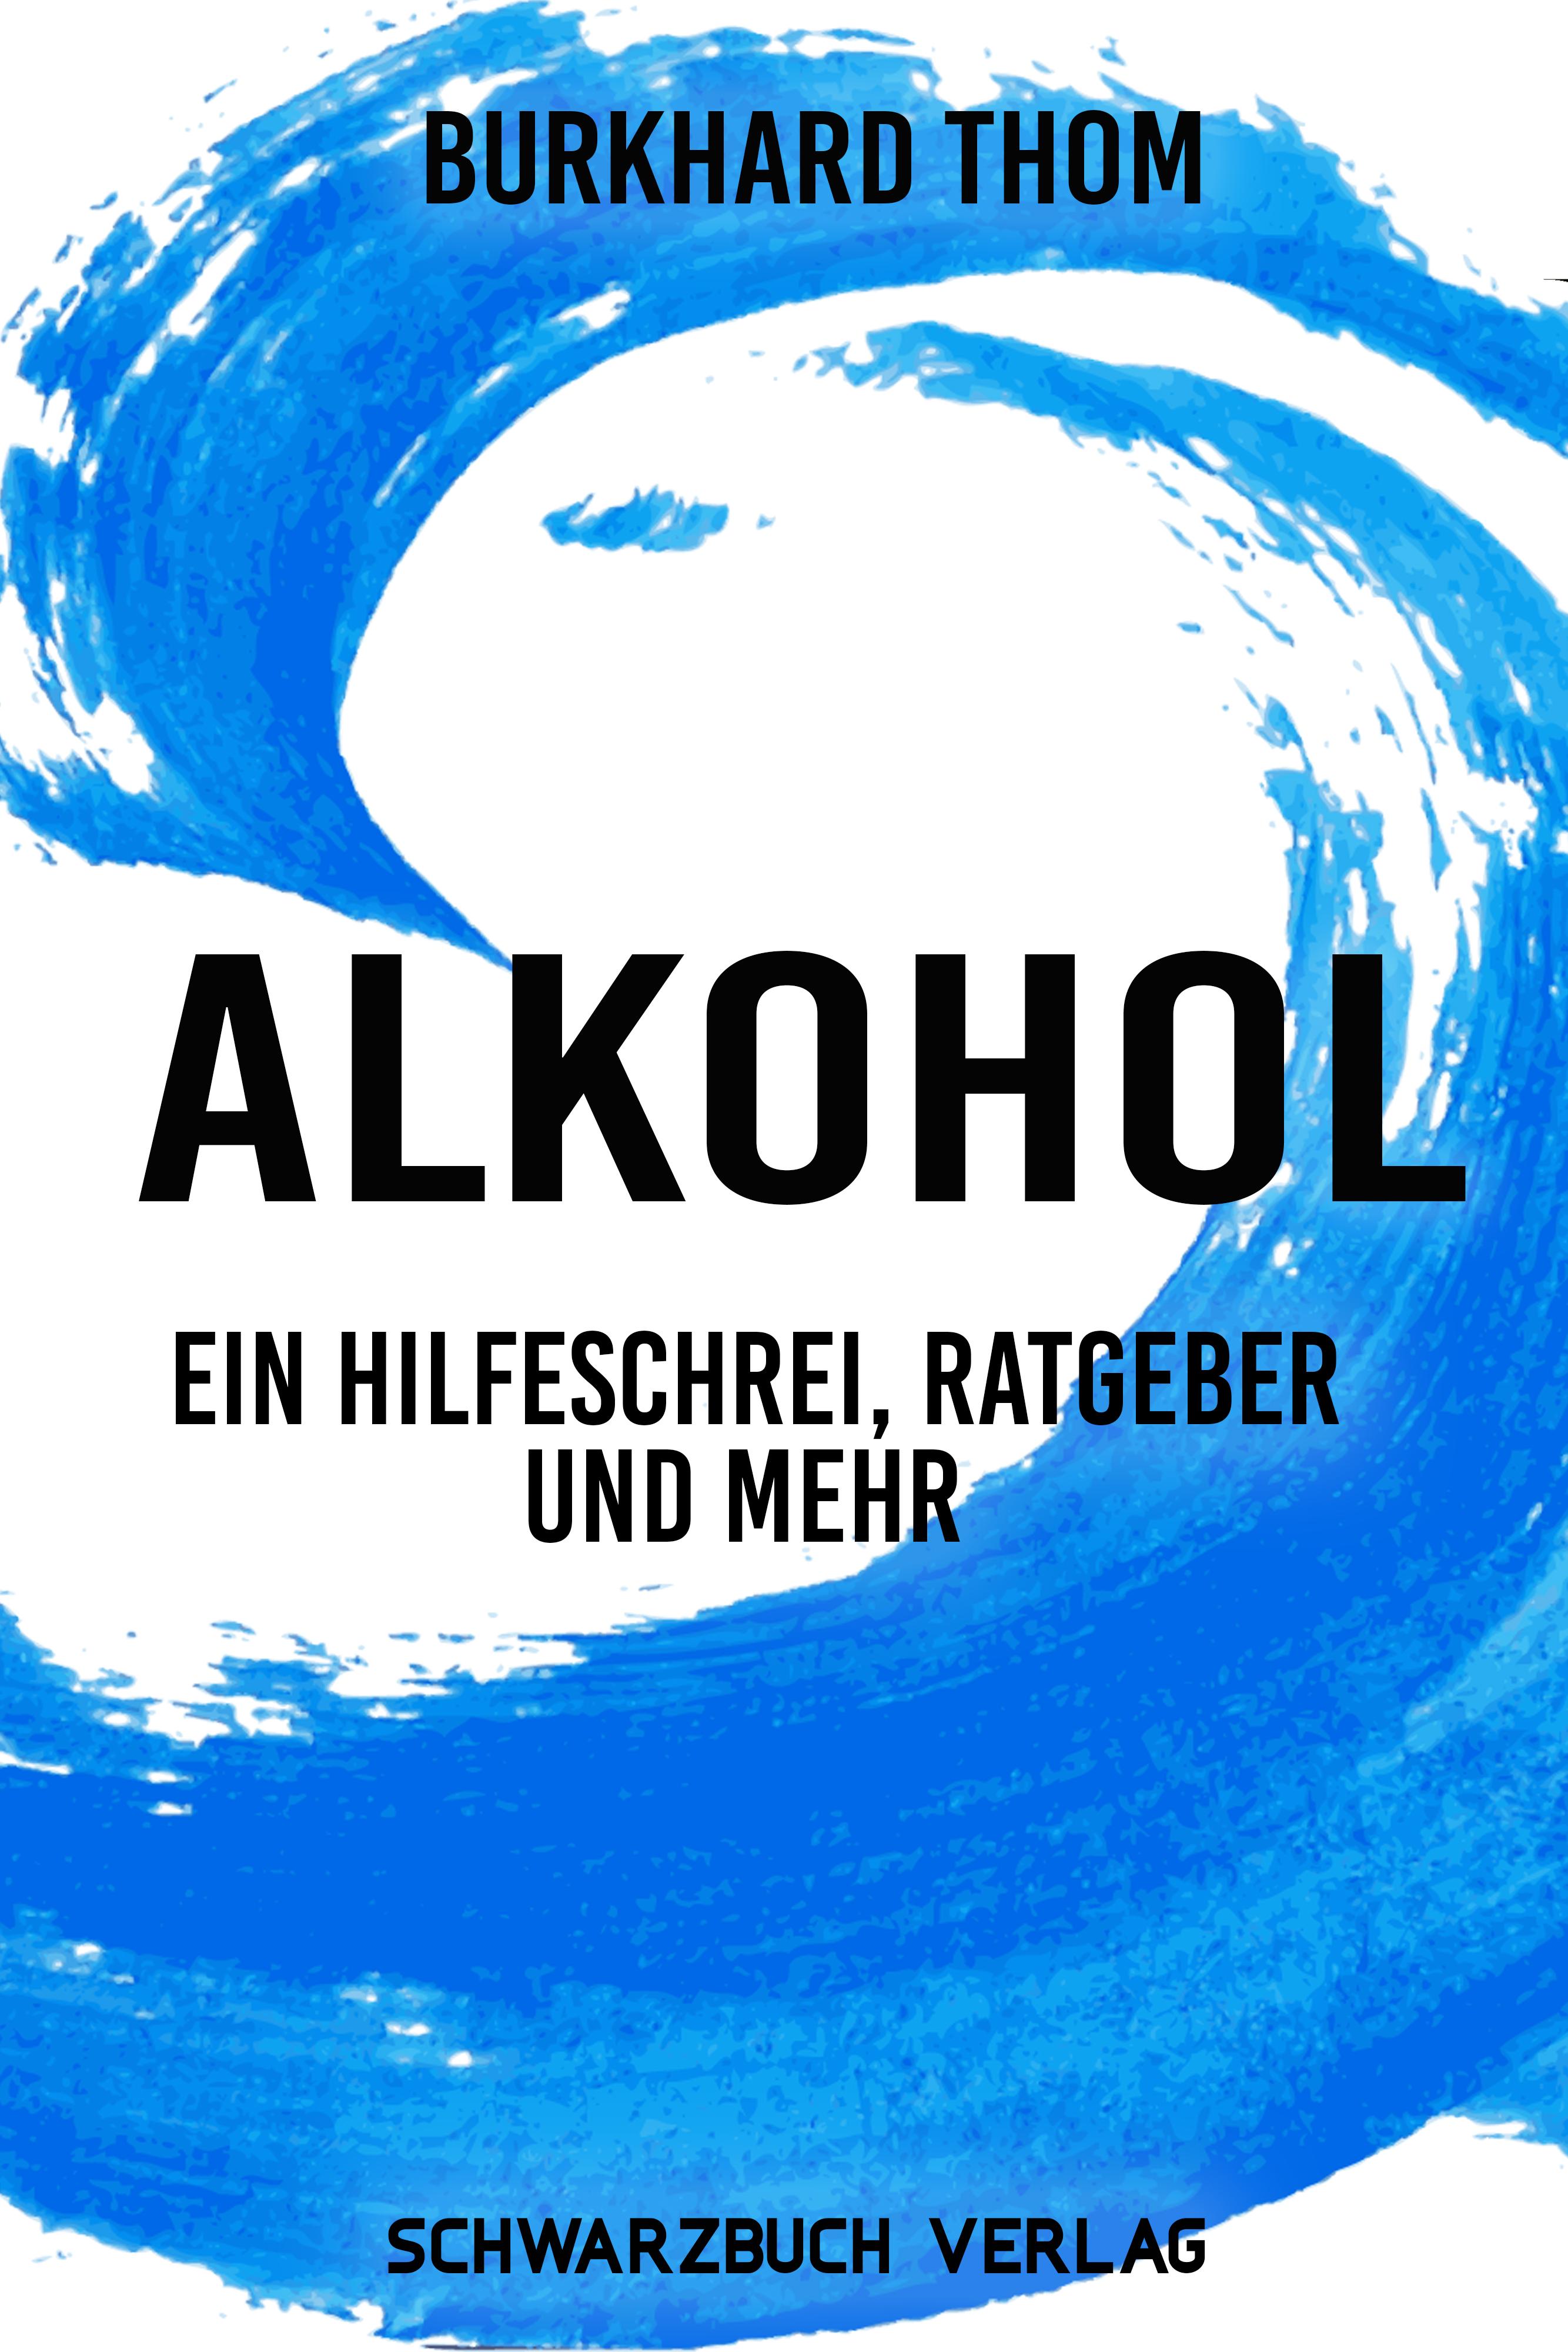 Alkohol-Schwarzbuch-Verlag